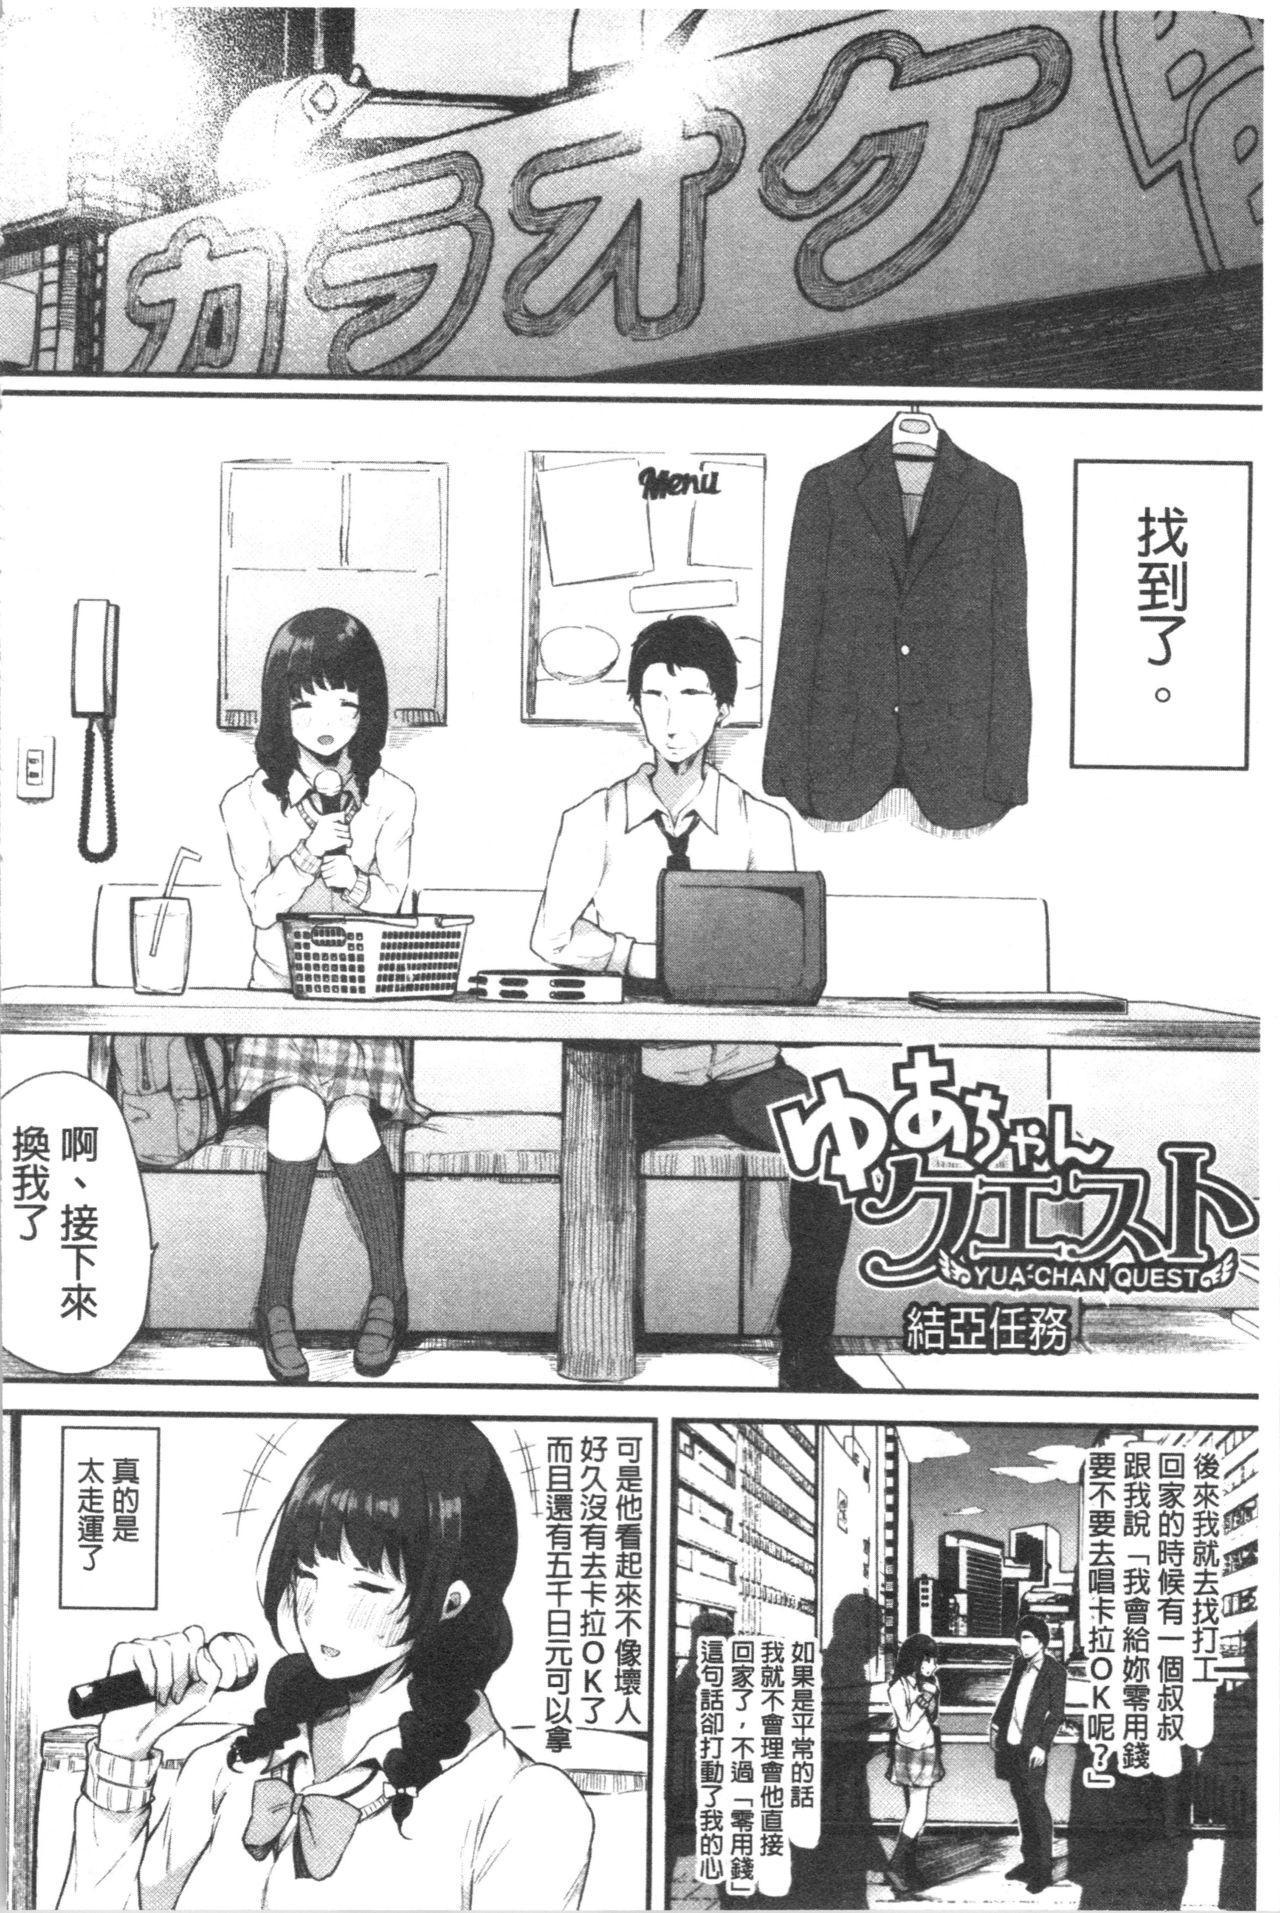 Hametomo Onna Tomodachi ga SeFri-ka shita Hi | 性愛砲友 女友們都變砲友化的日子 83